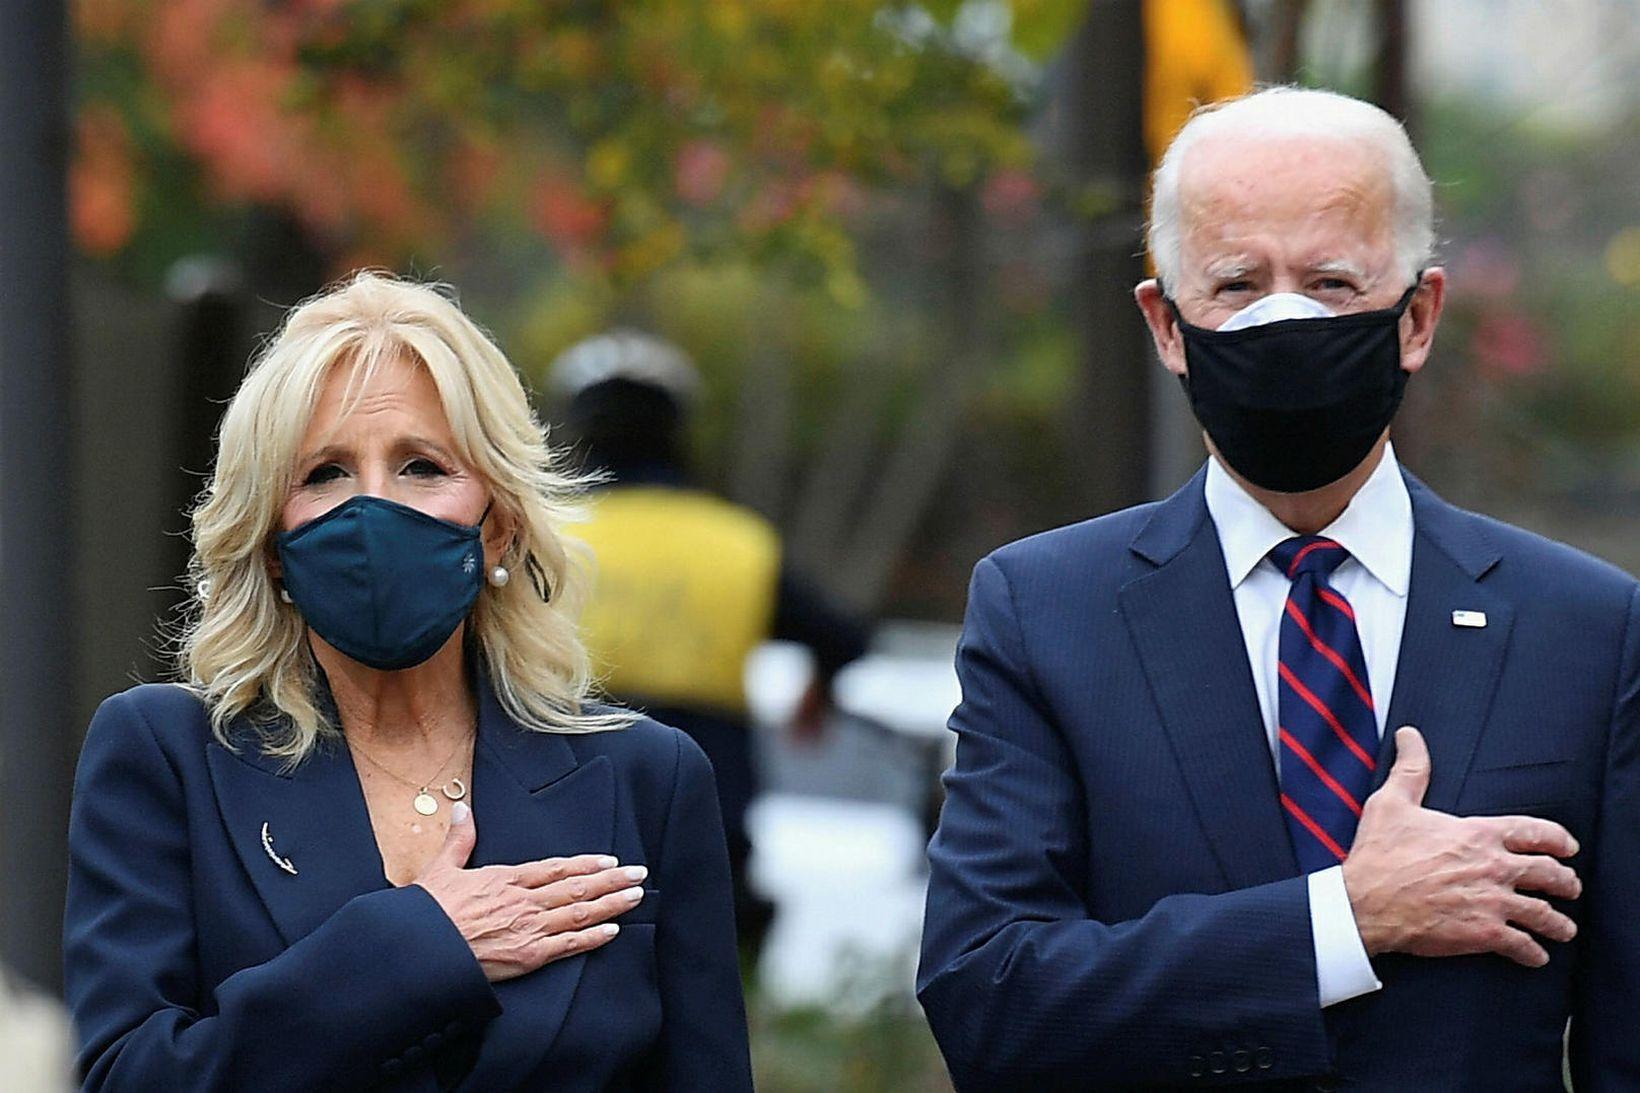 Jill og Joe Biden verða næstu forsetahjón Bandaríkjanna.